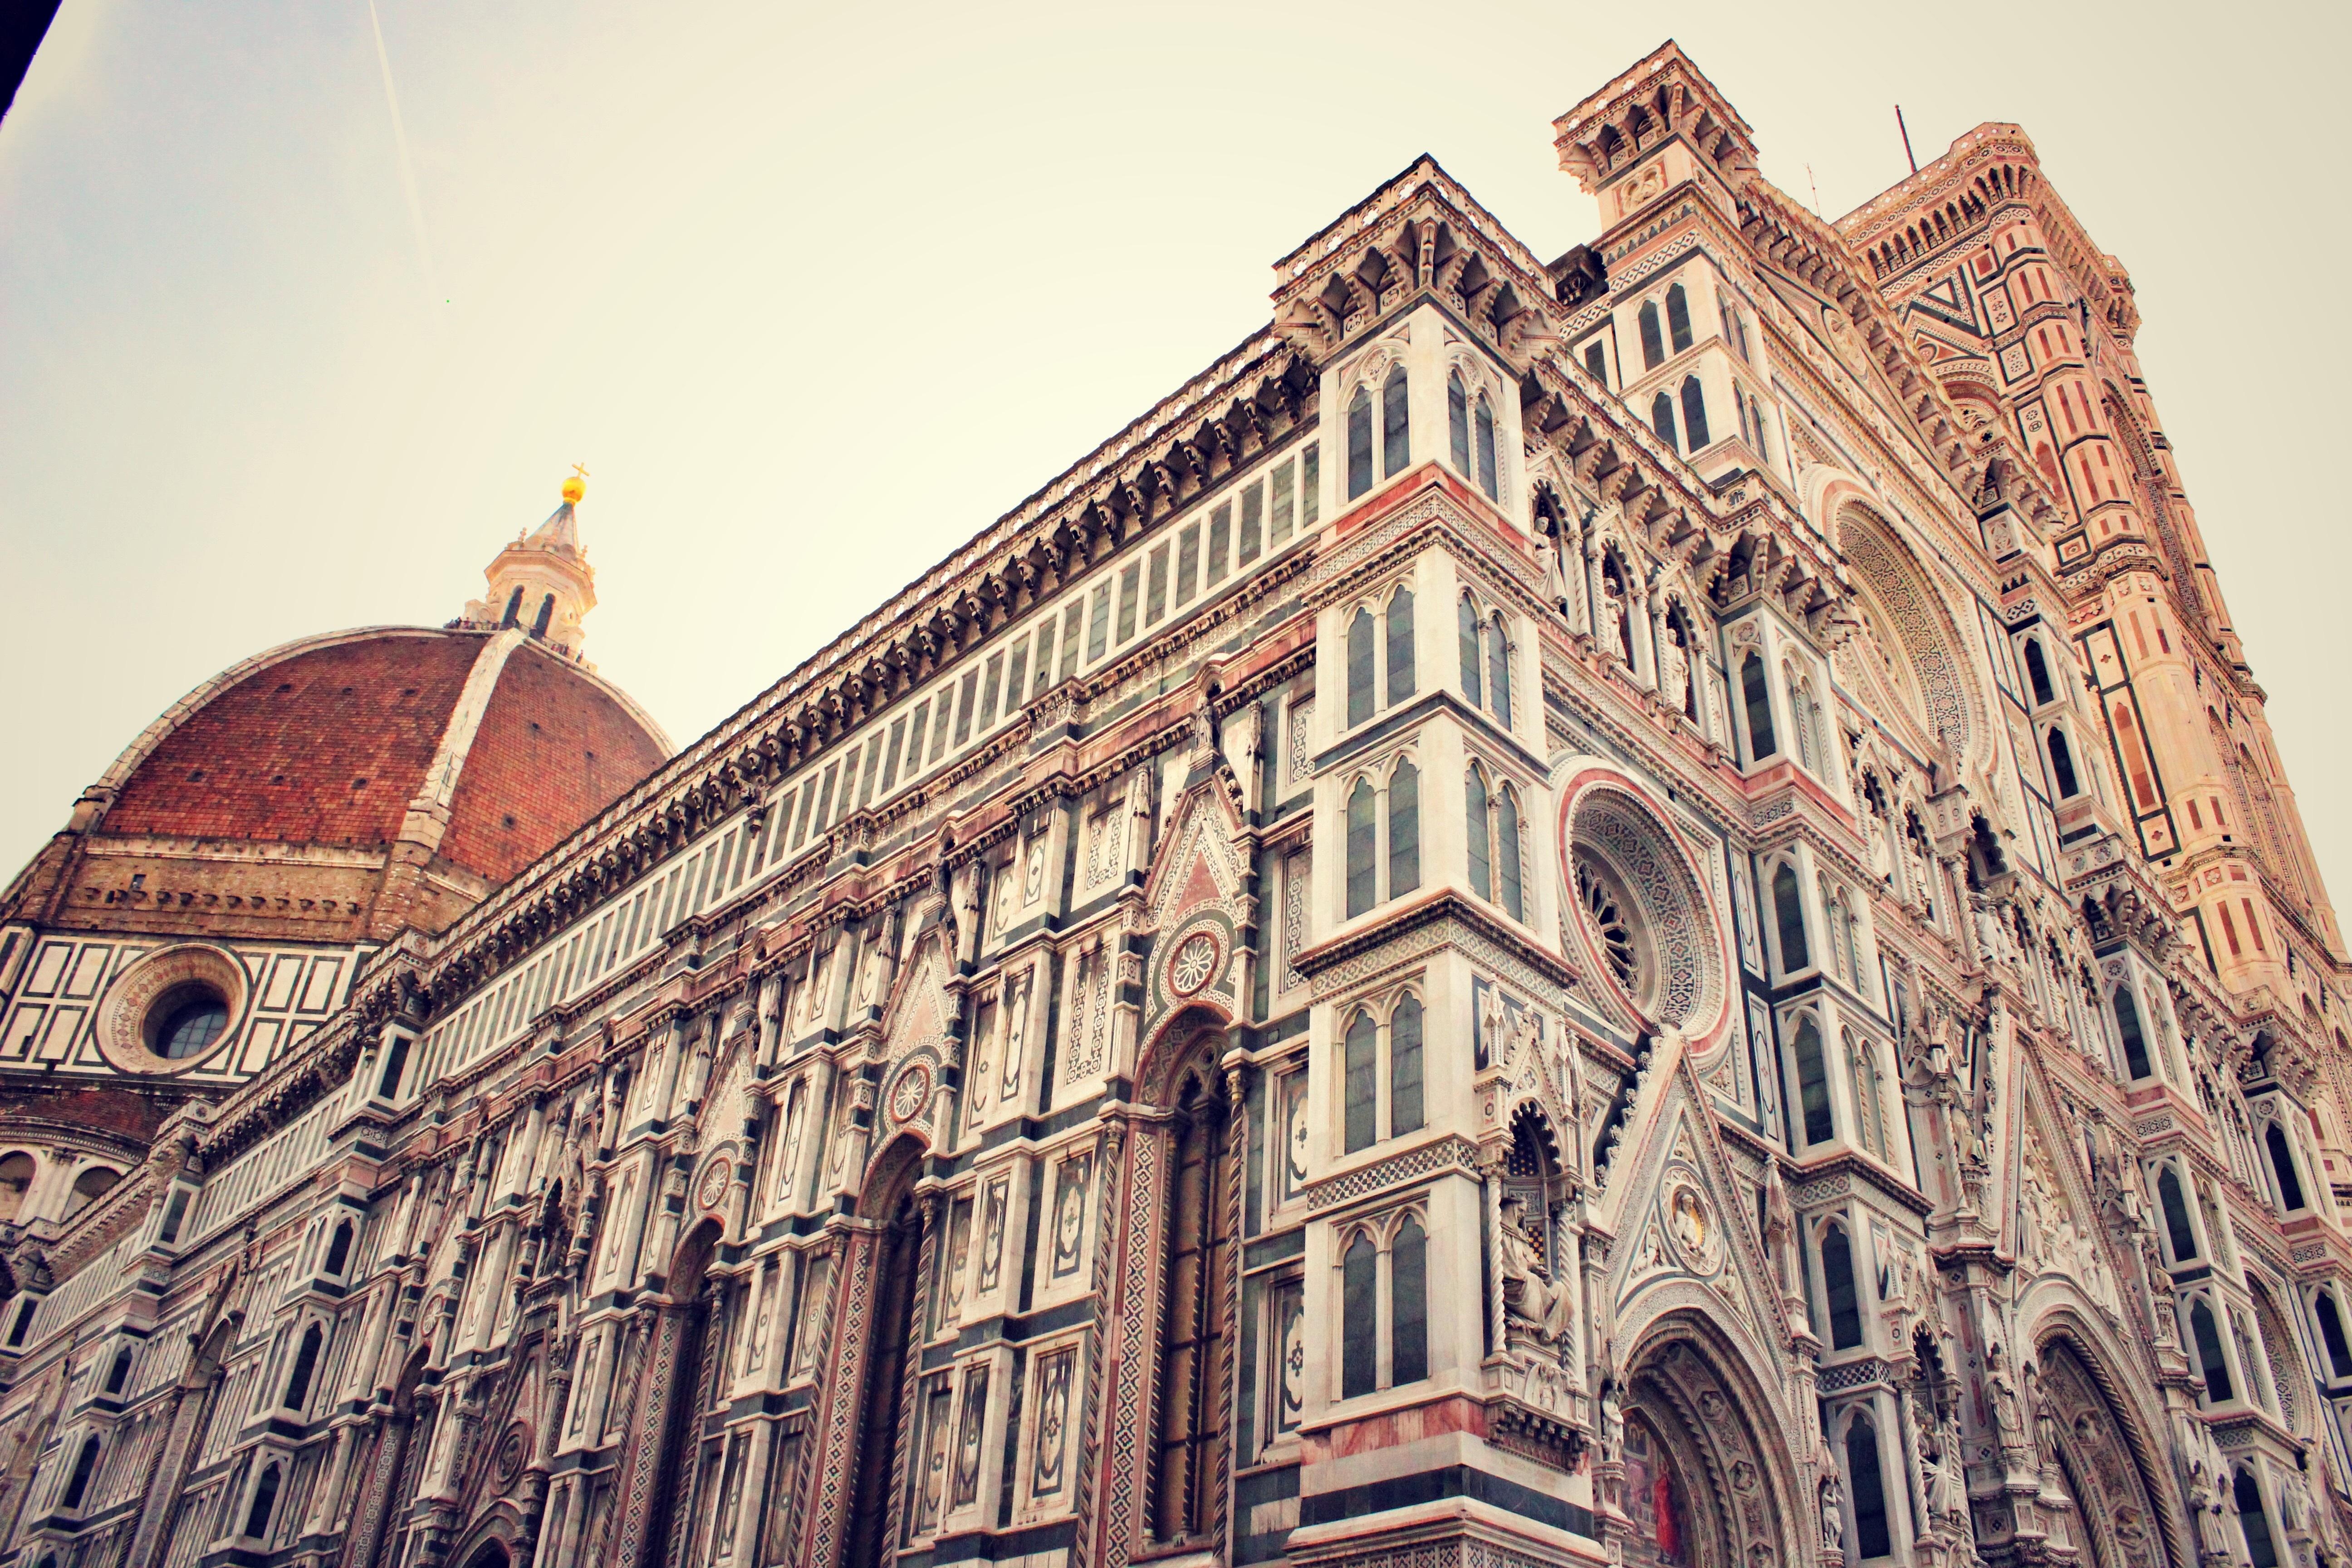 Famous Italian Architecture free images : landscape, architecture, building, city, cityscape